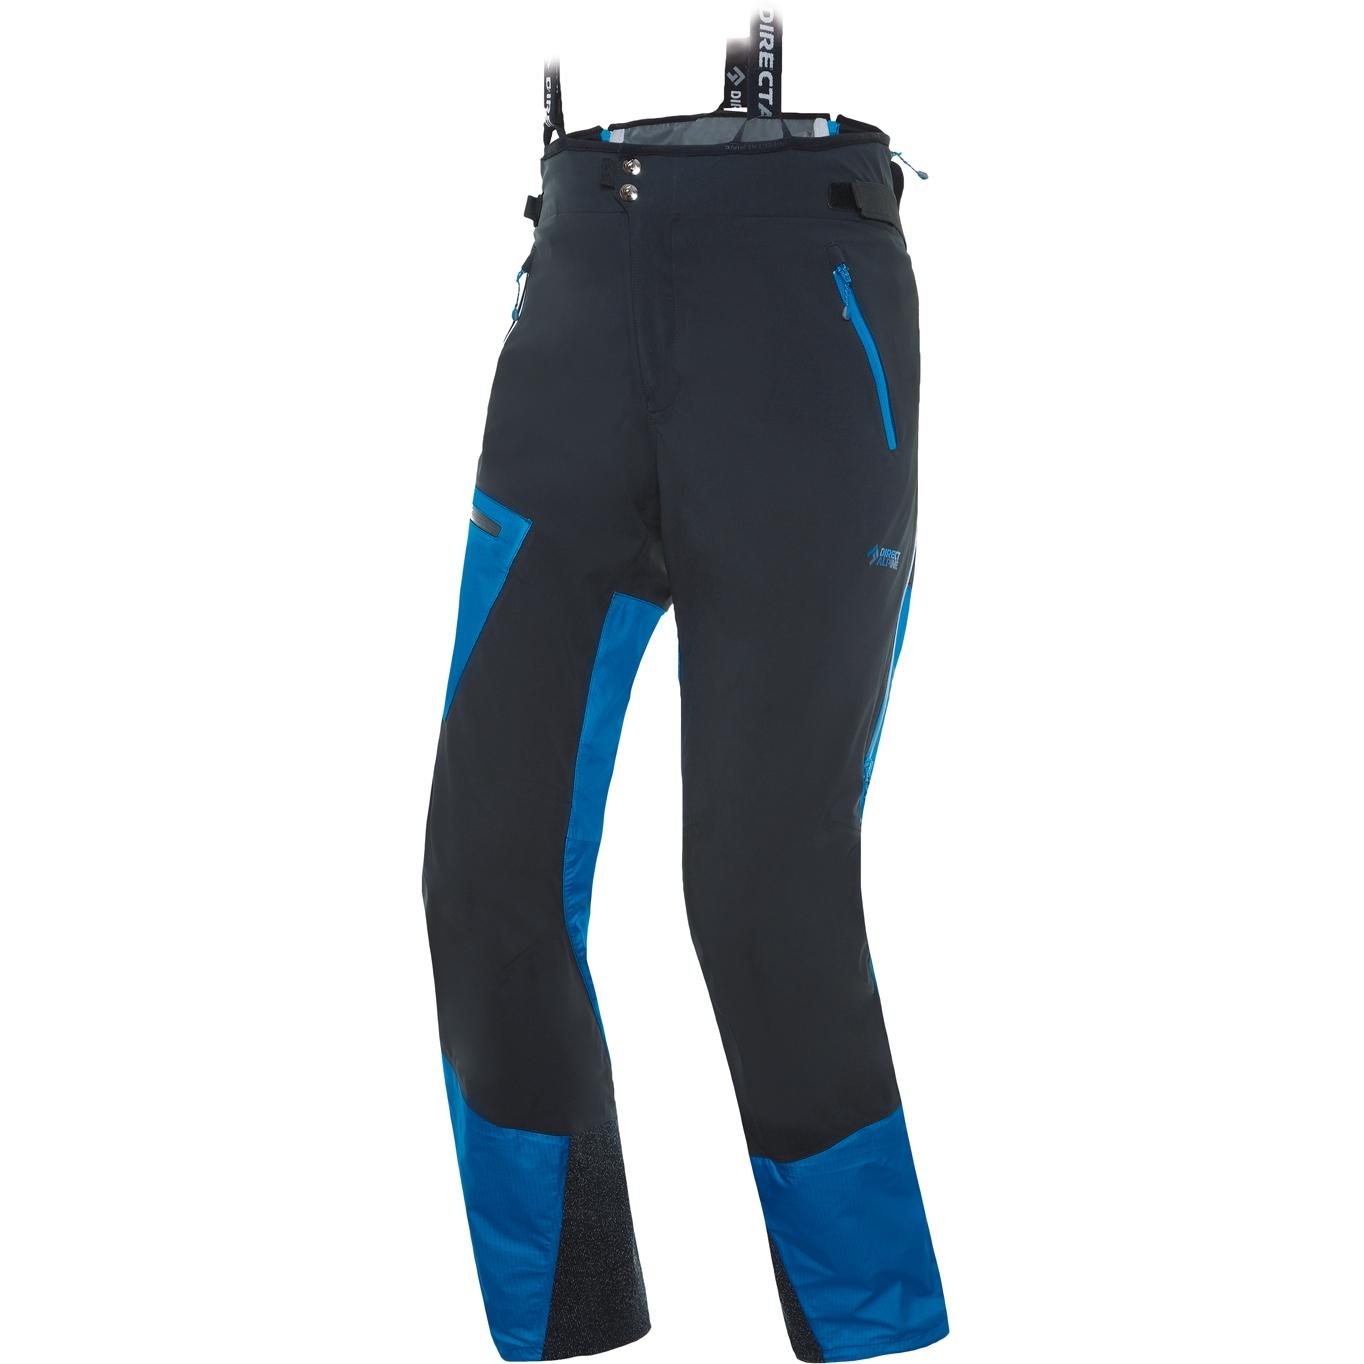 Image of Directalpine Eiger Pants - black/blue